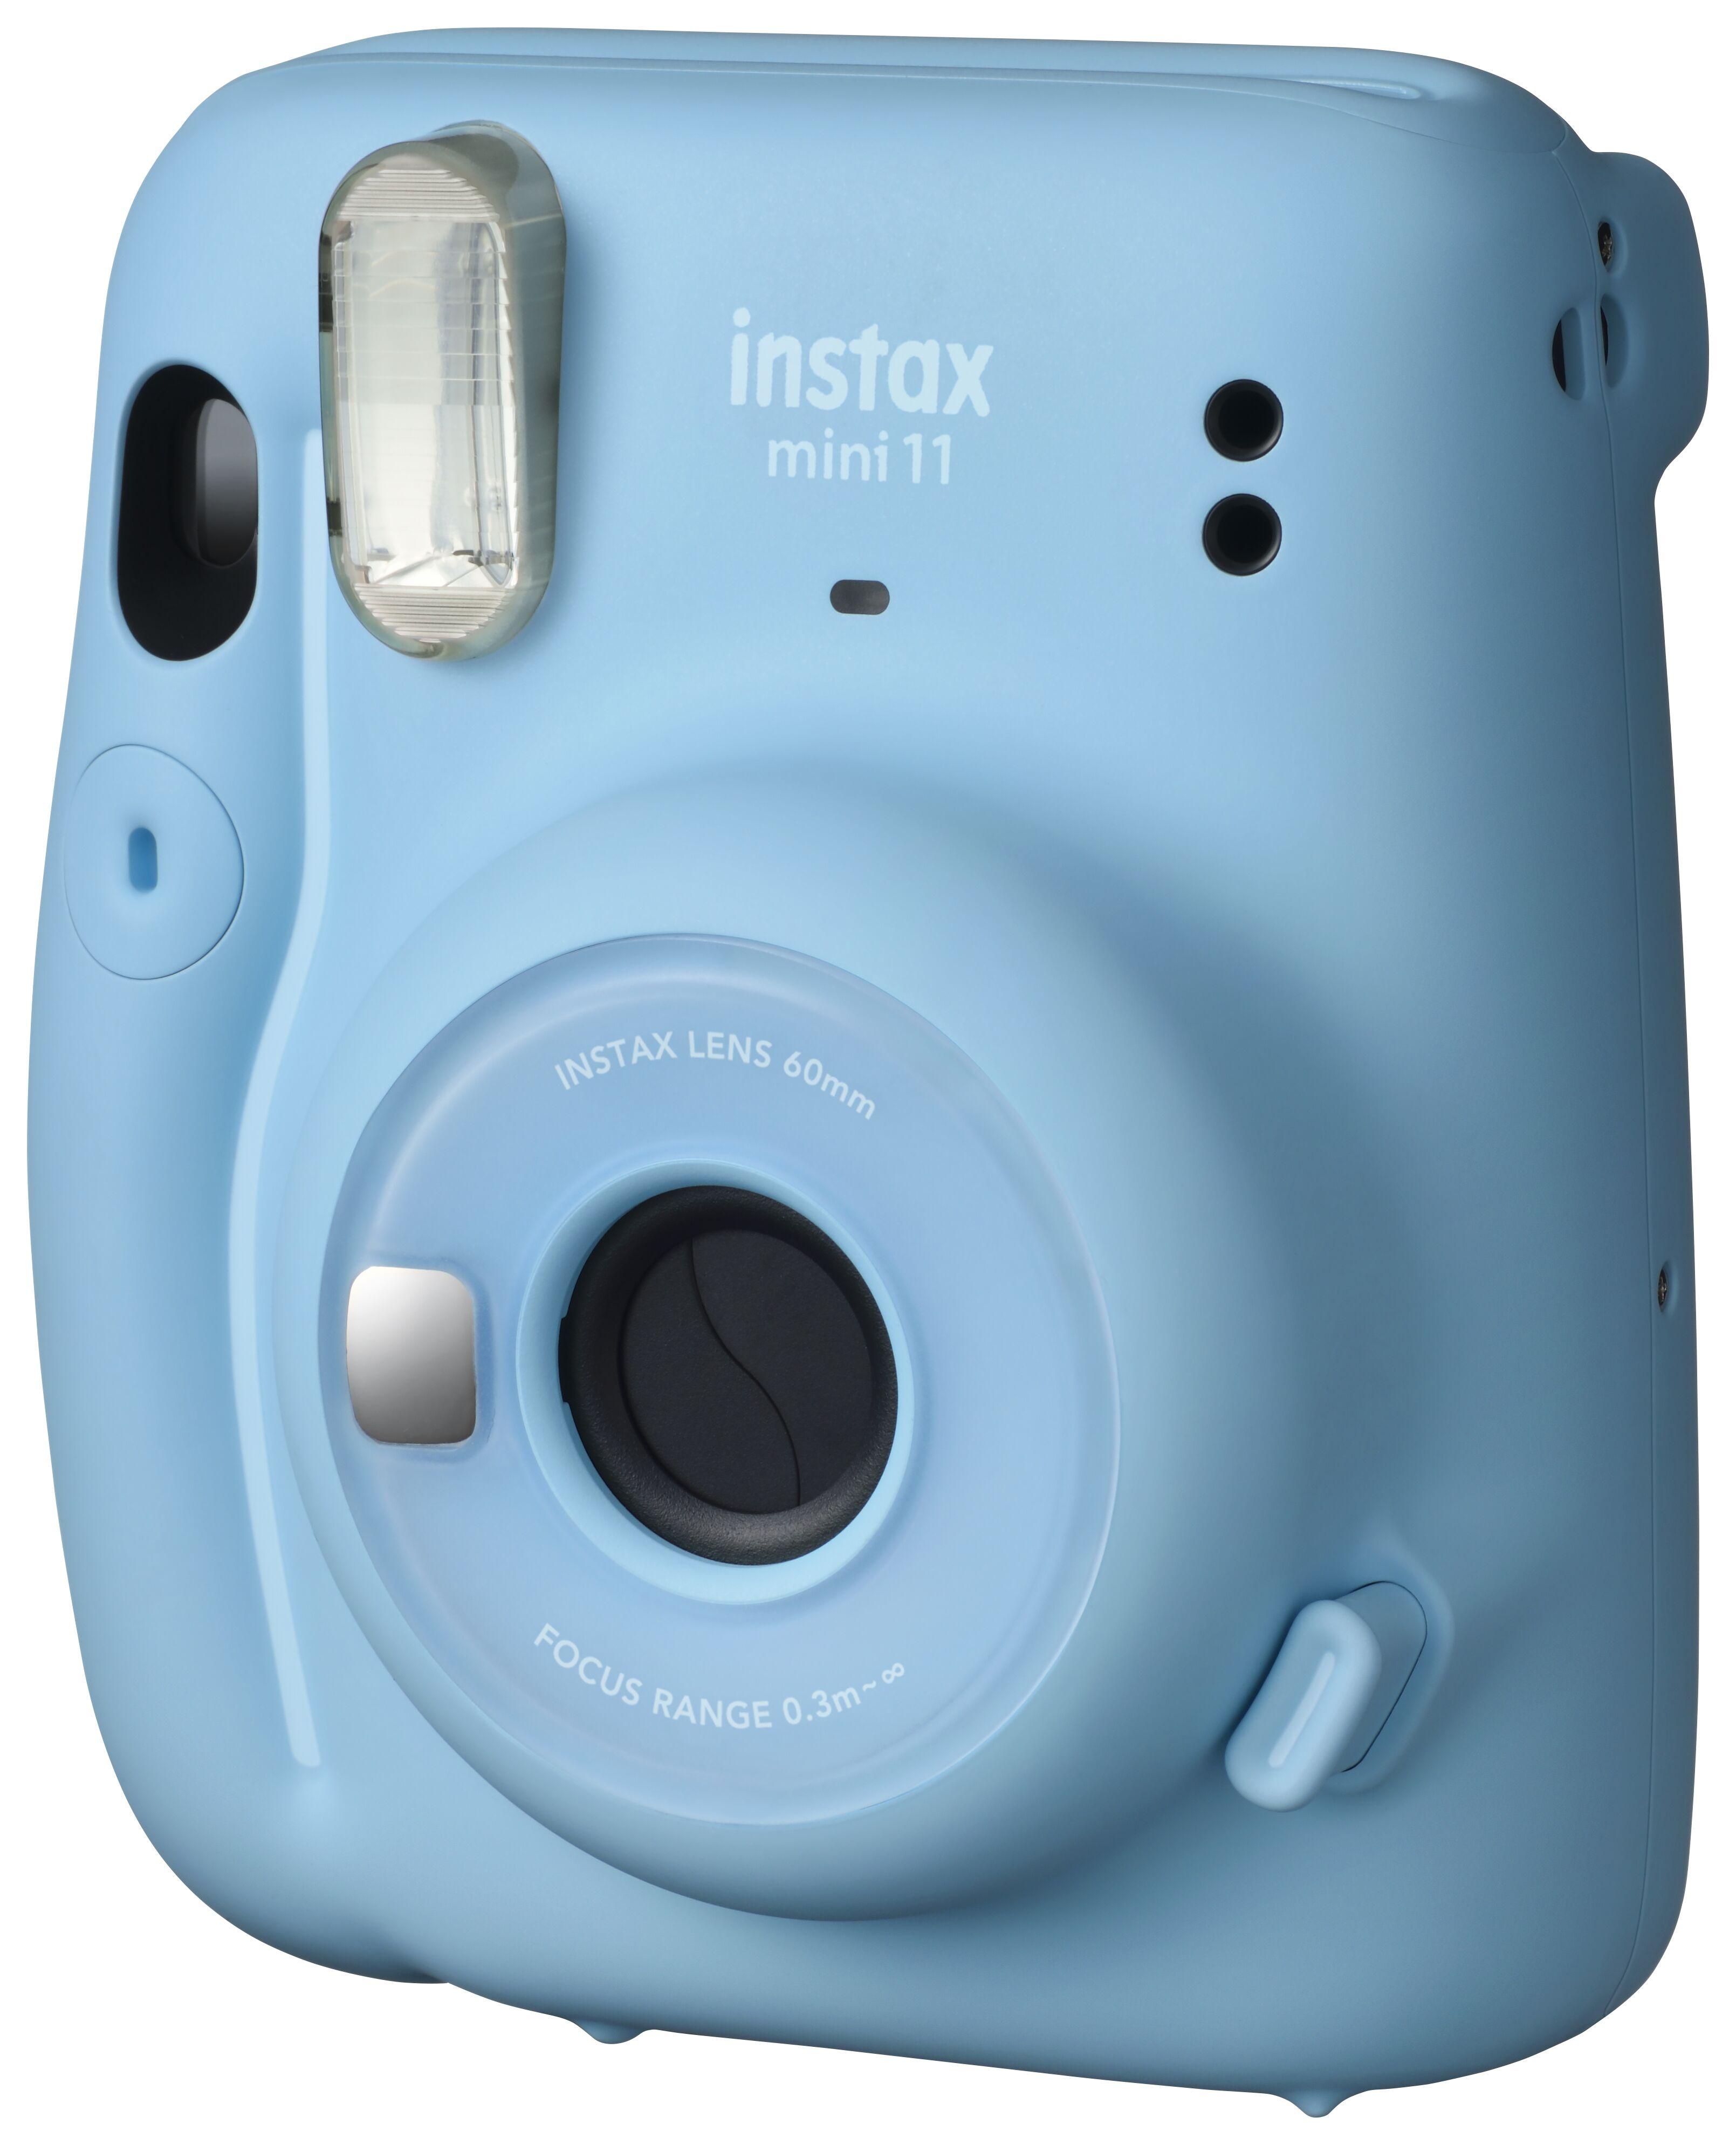 FUJIFILM představil fotoaparát instax mini 11 s okamžitým tiskem fotek